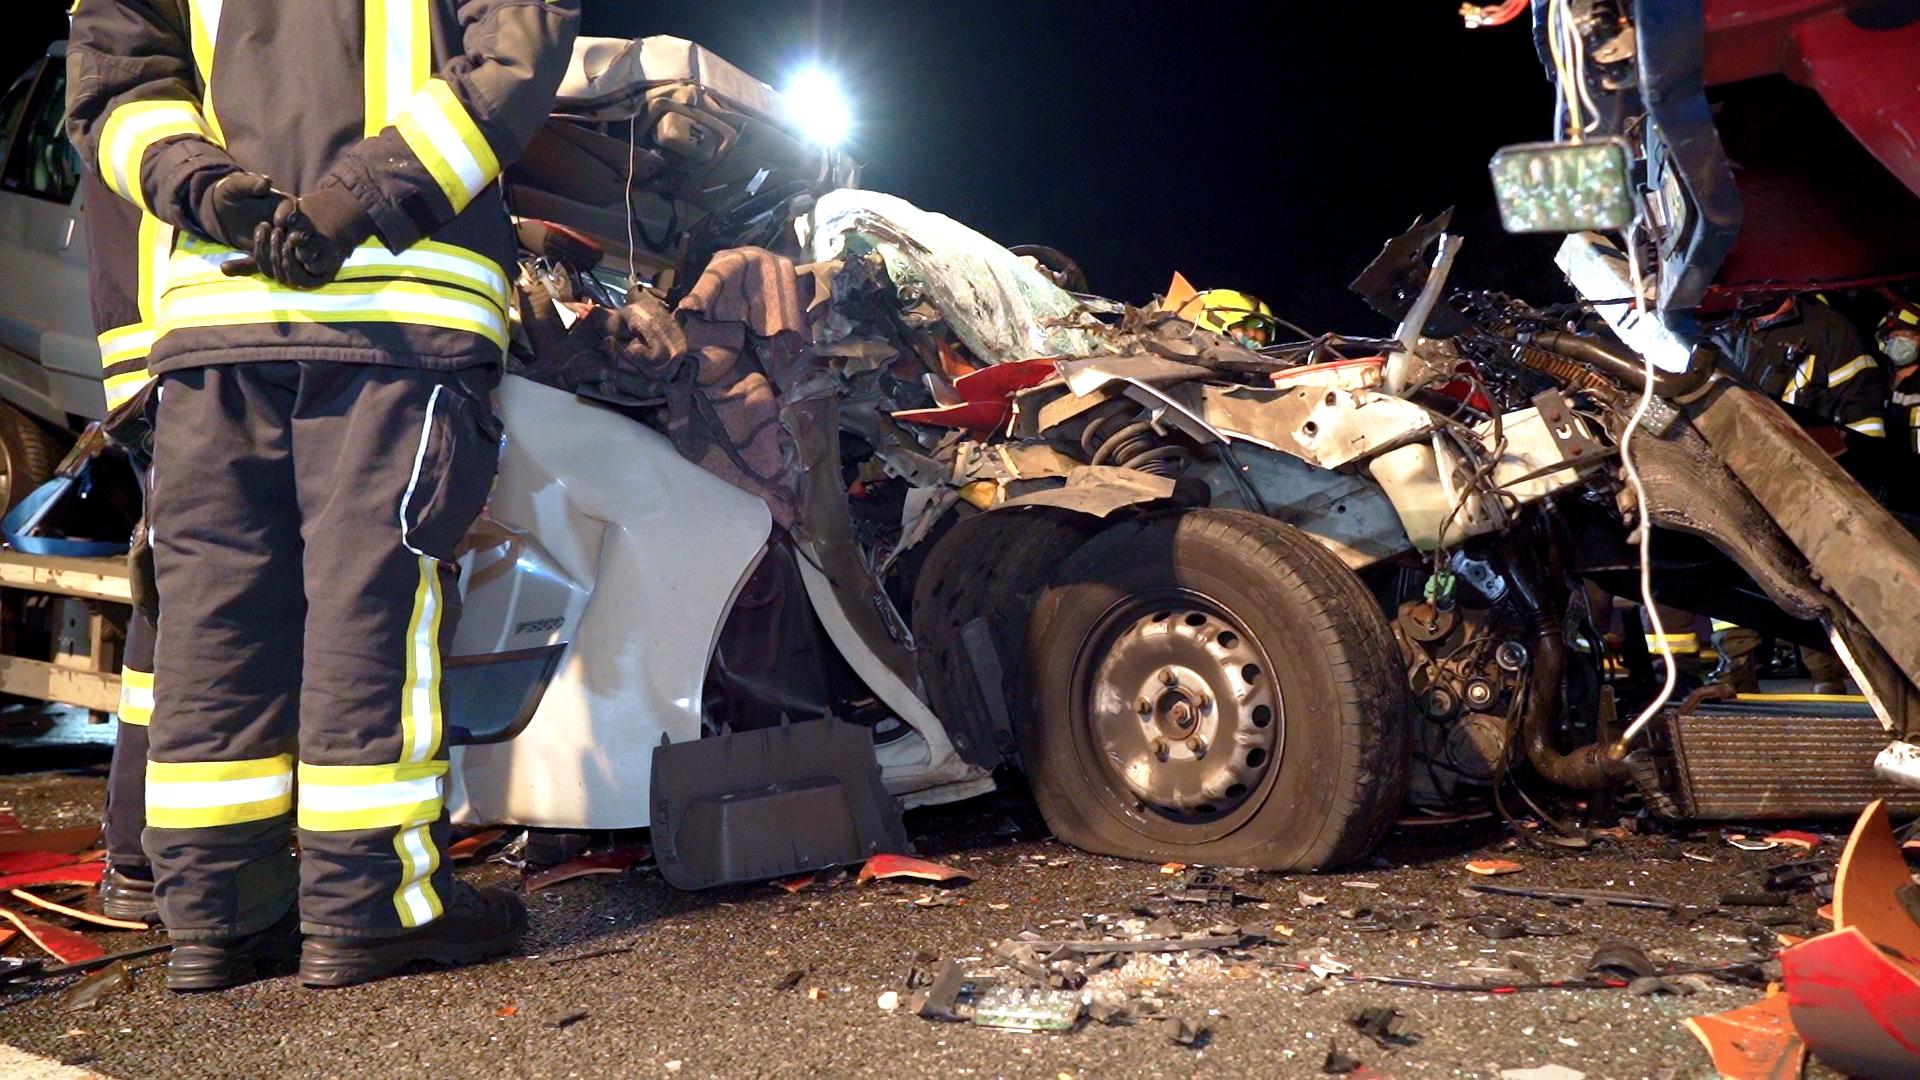 Völlig zerstört: Die Fahrerkabine des Kleintransporters.